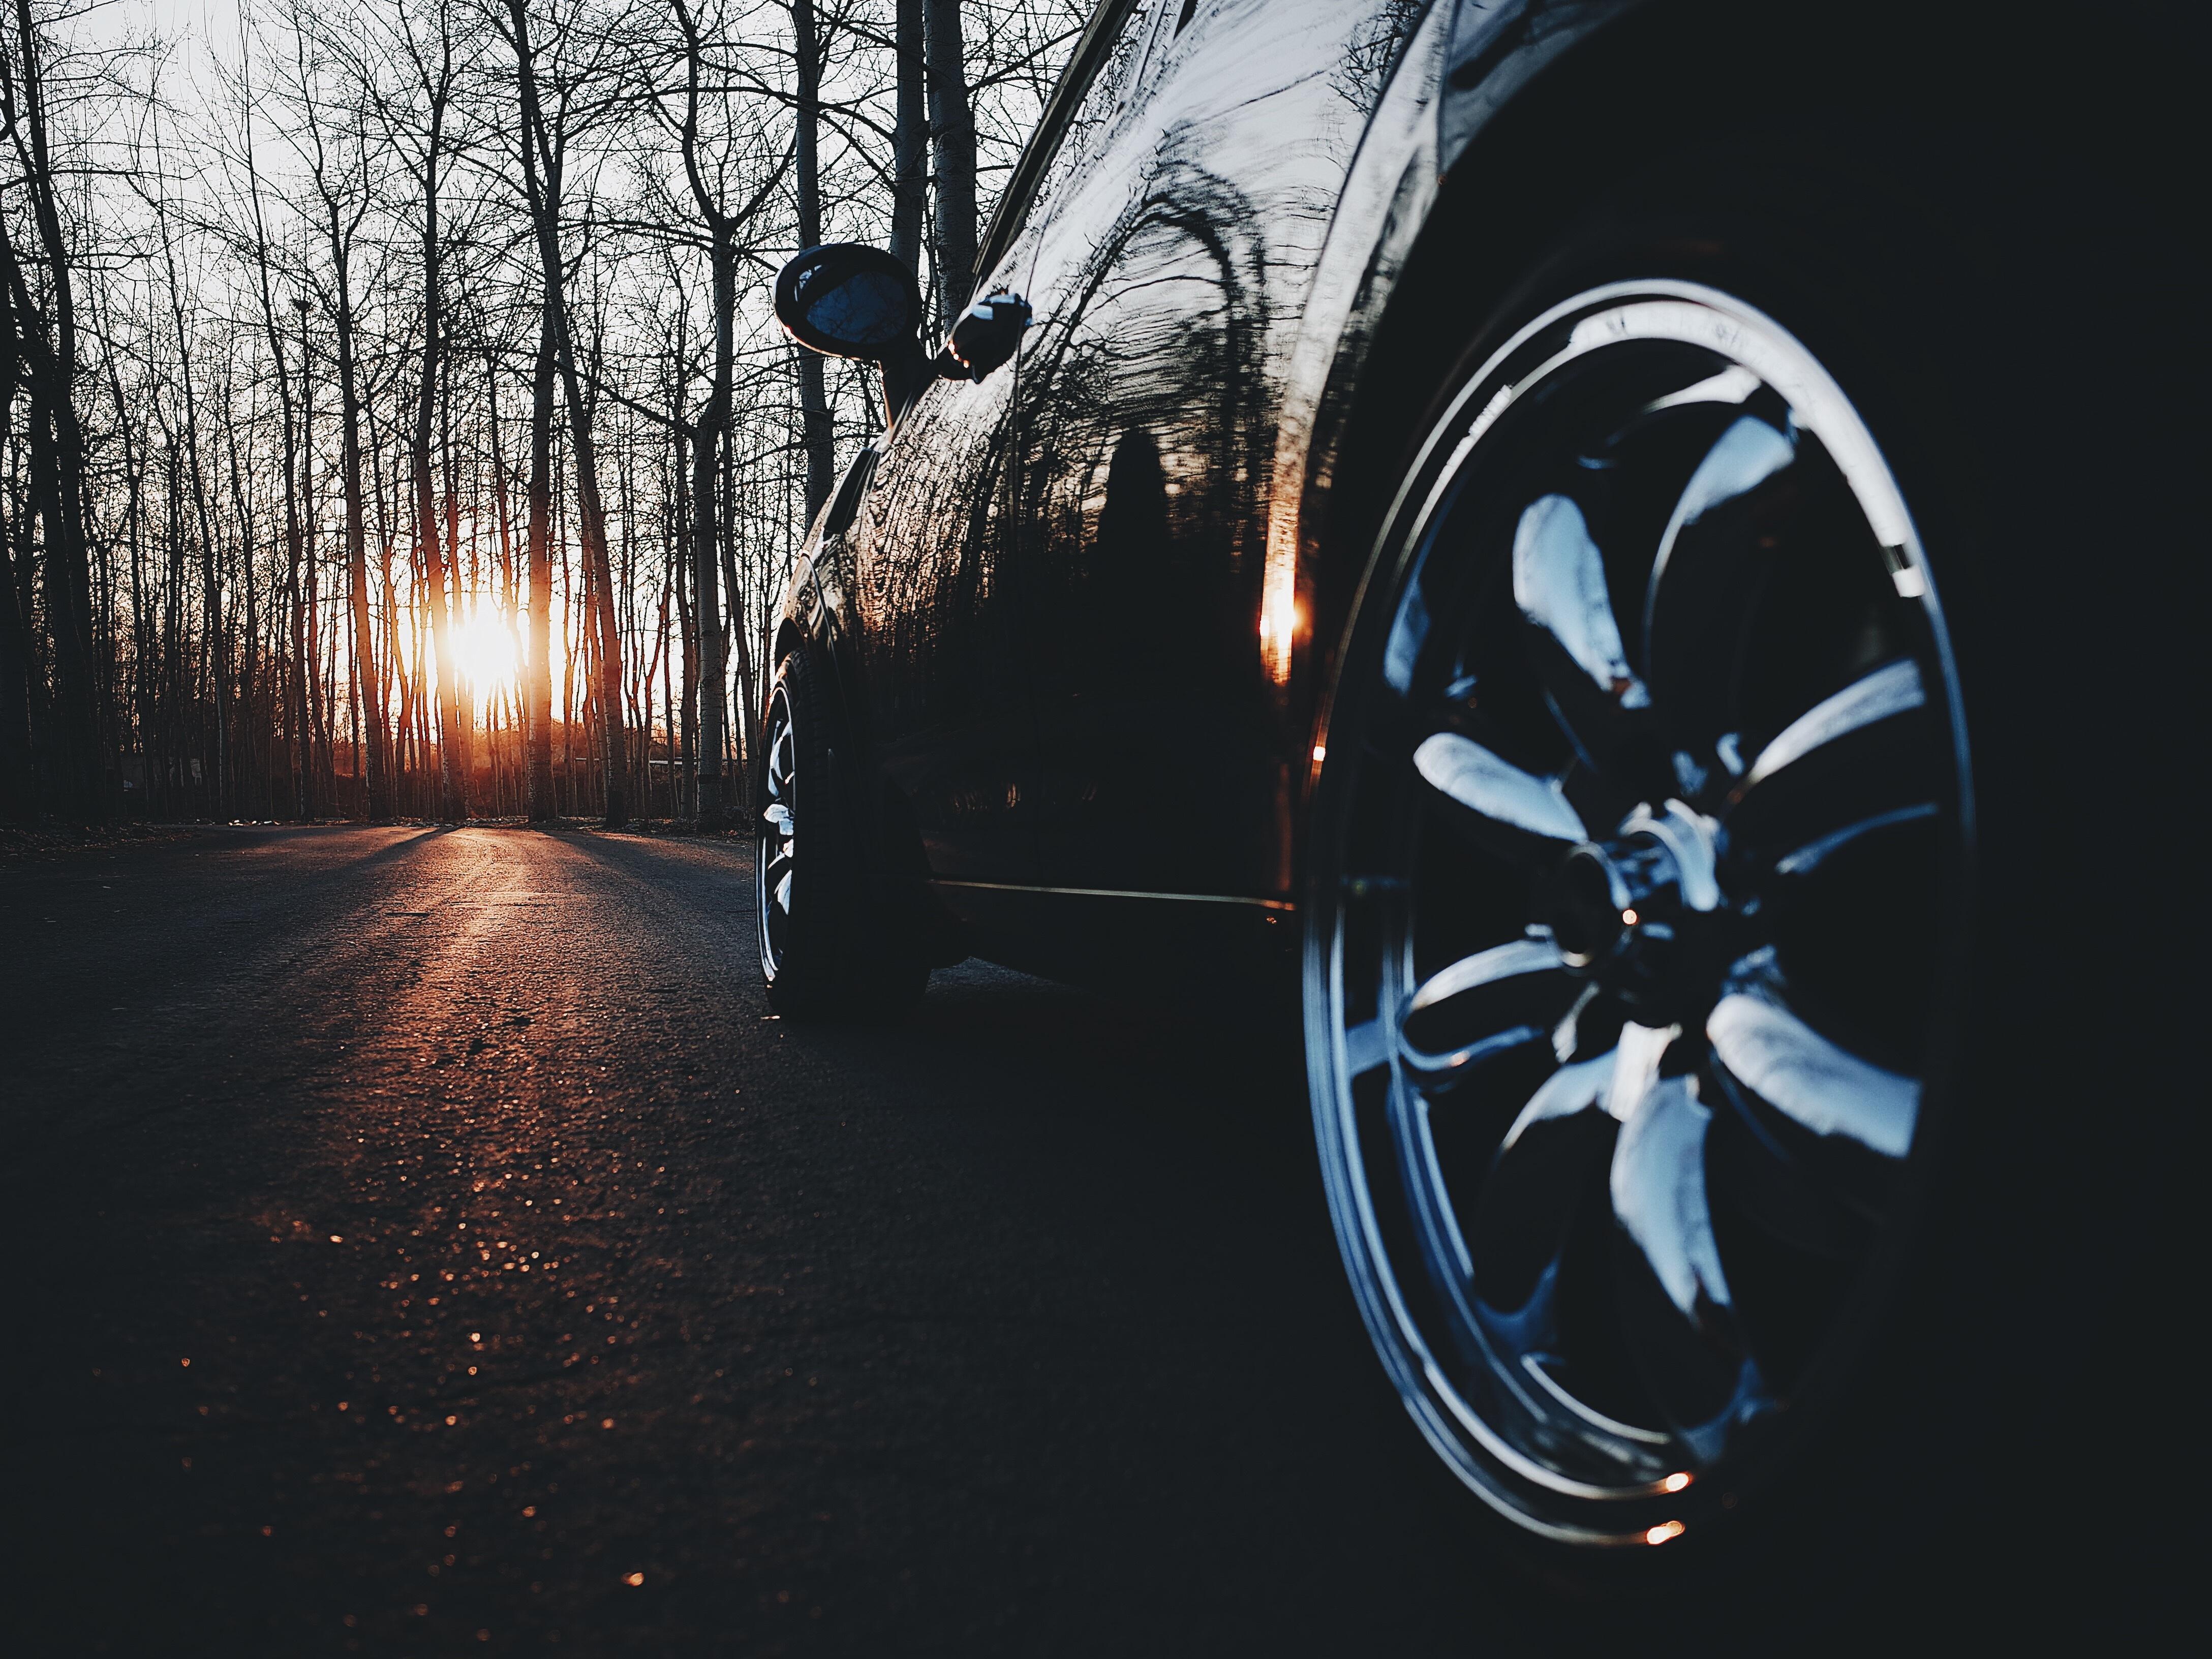 consejos útiles para comprar los neumáticos de verano y saber si ... - Saber Comprar Mobiliario